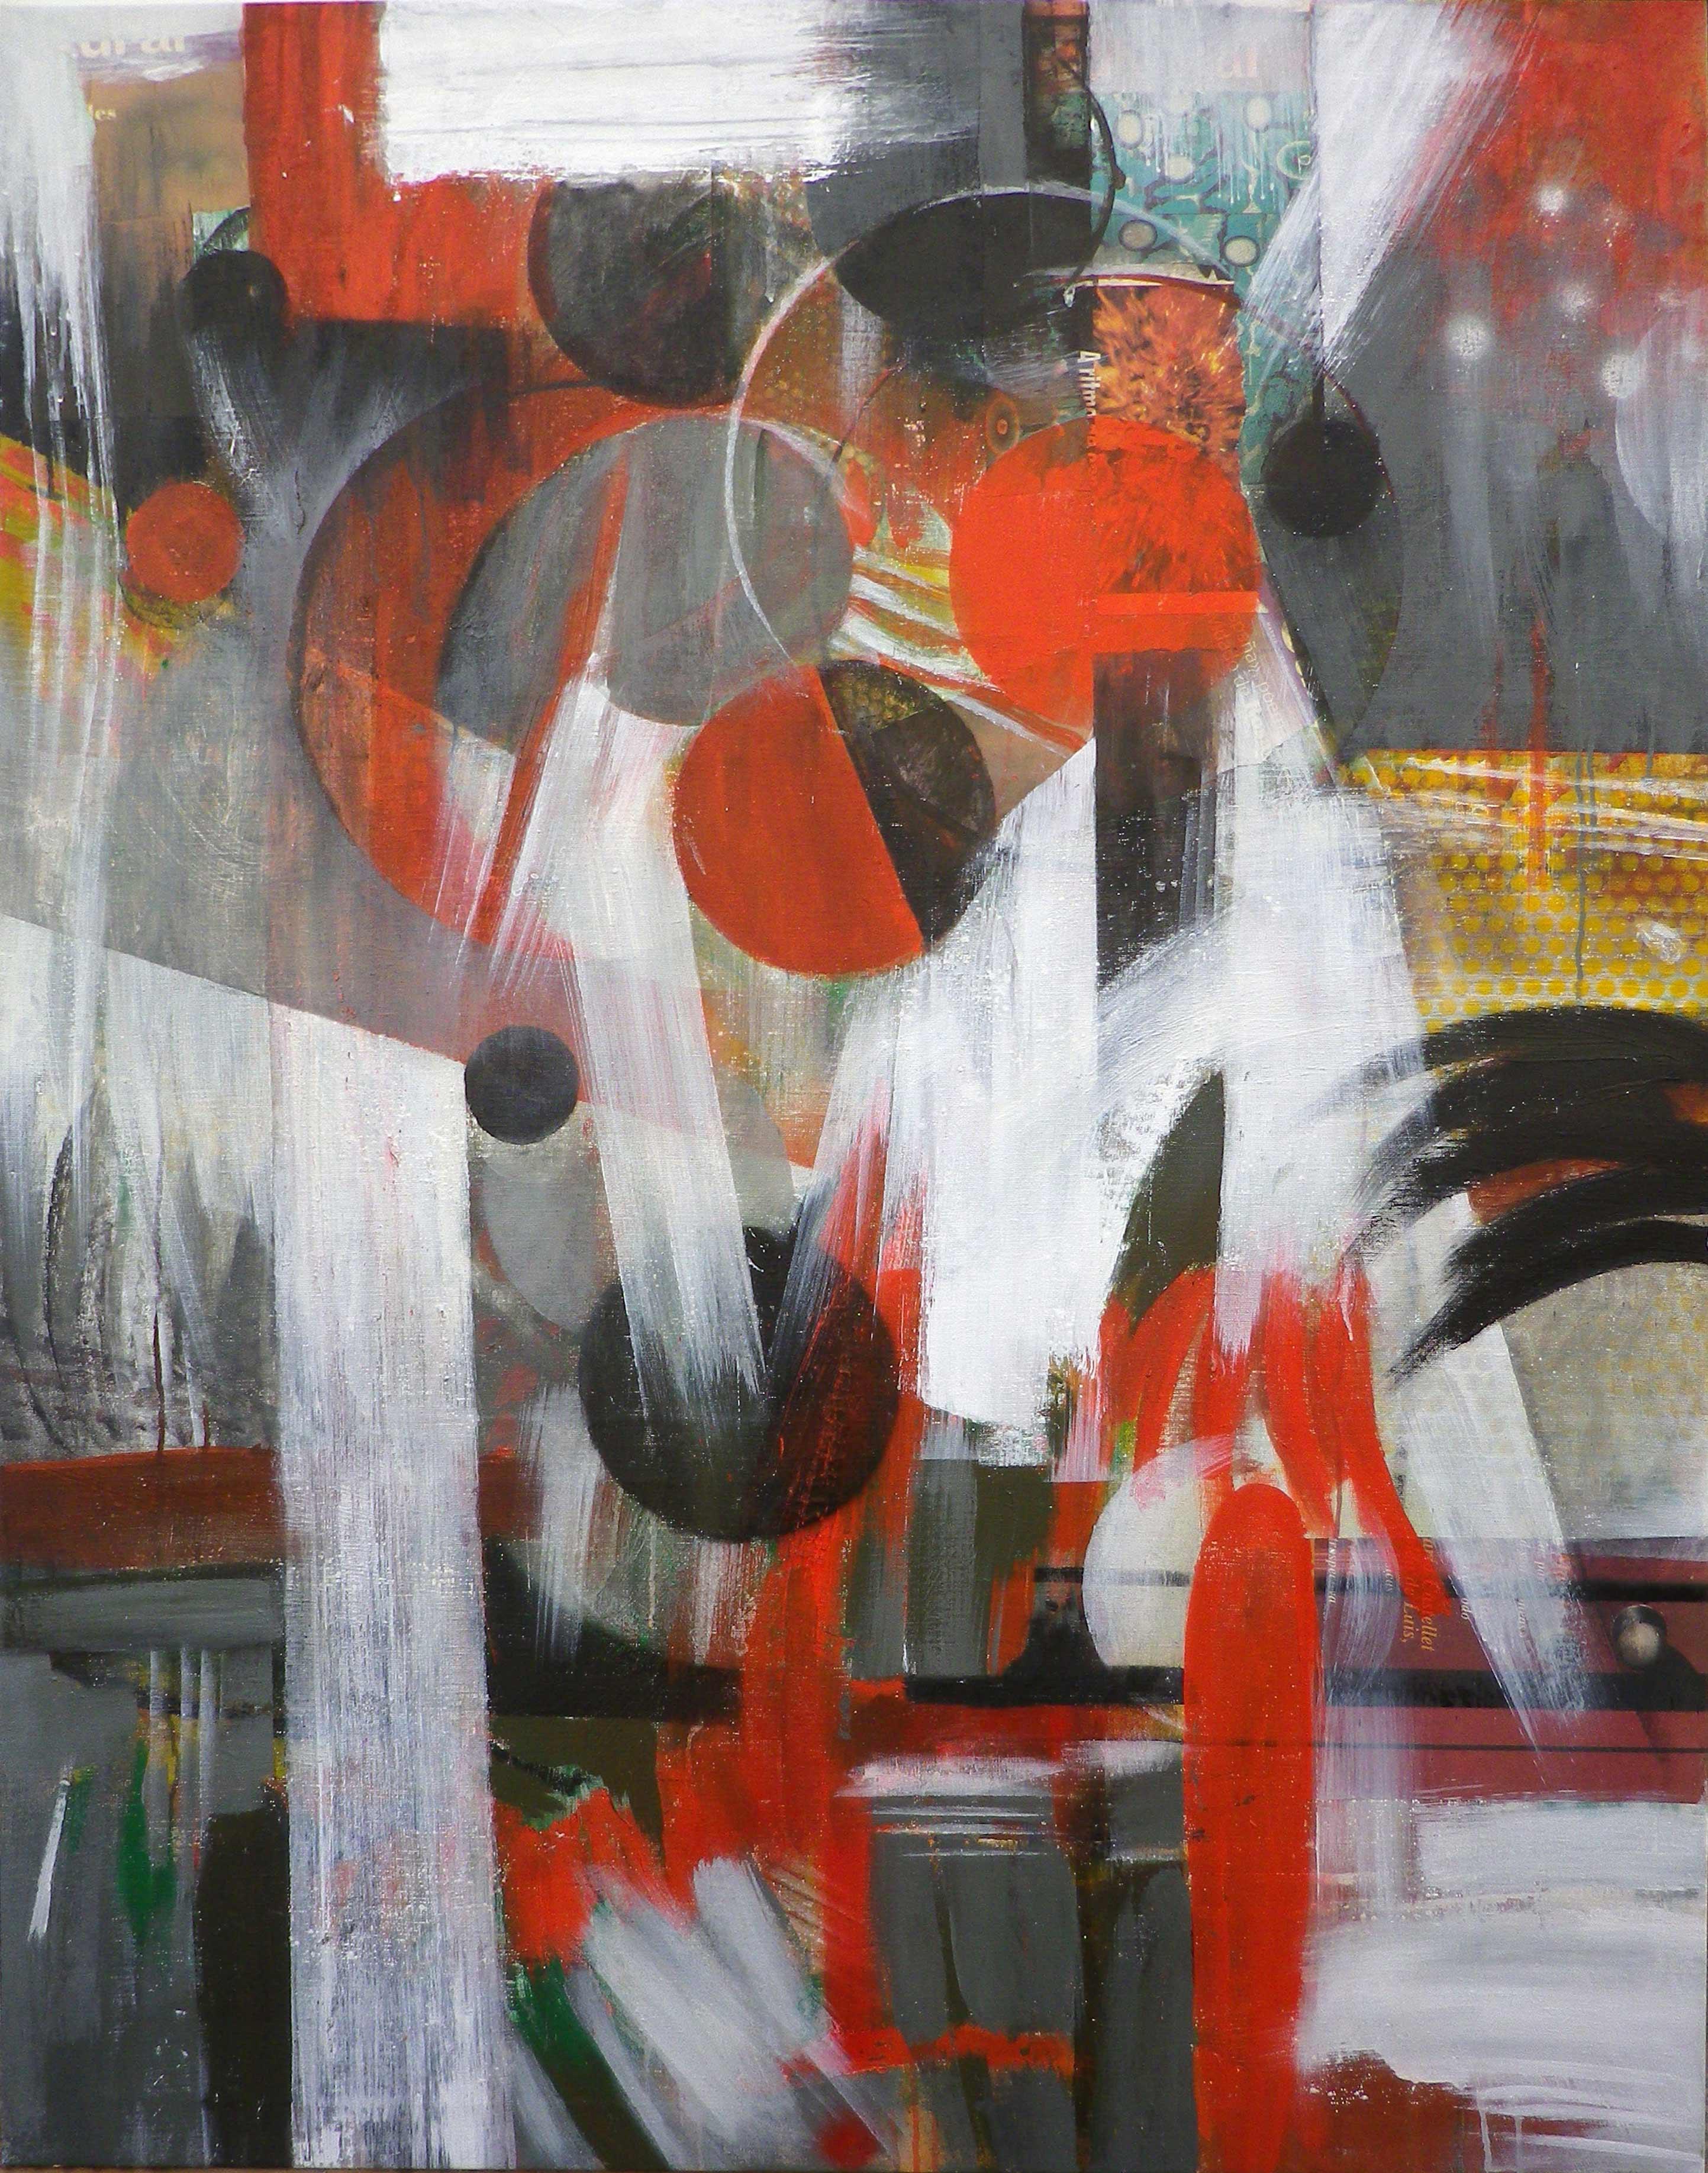 Trazos blancos y círculos rojos (2014) - Rafael Cerdá Martínez